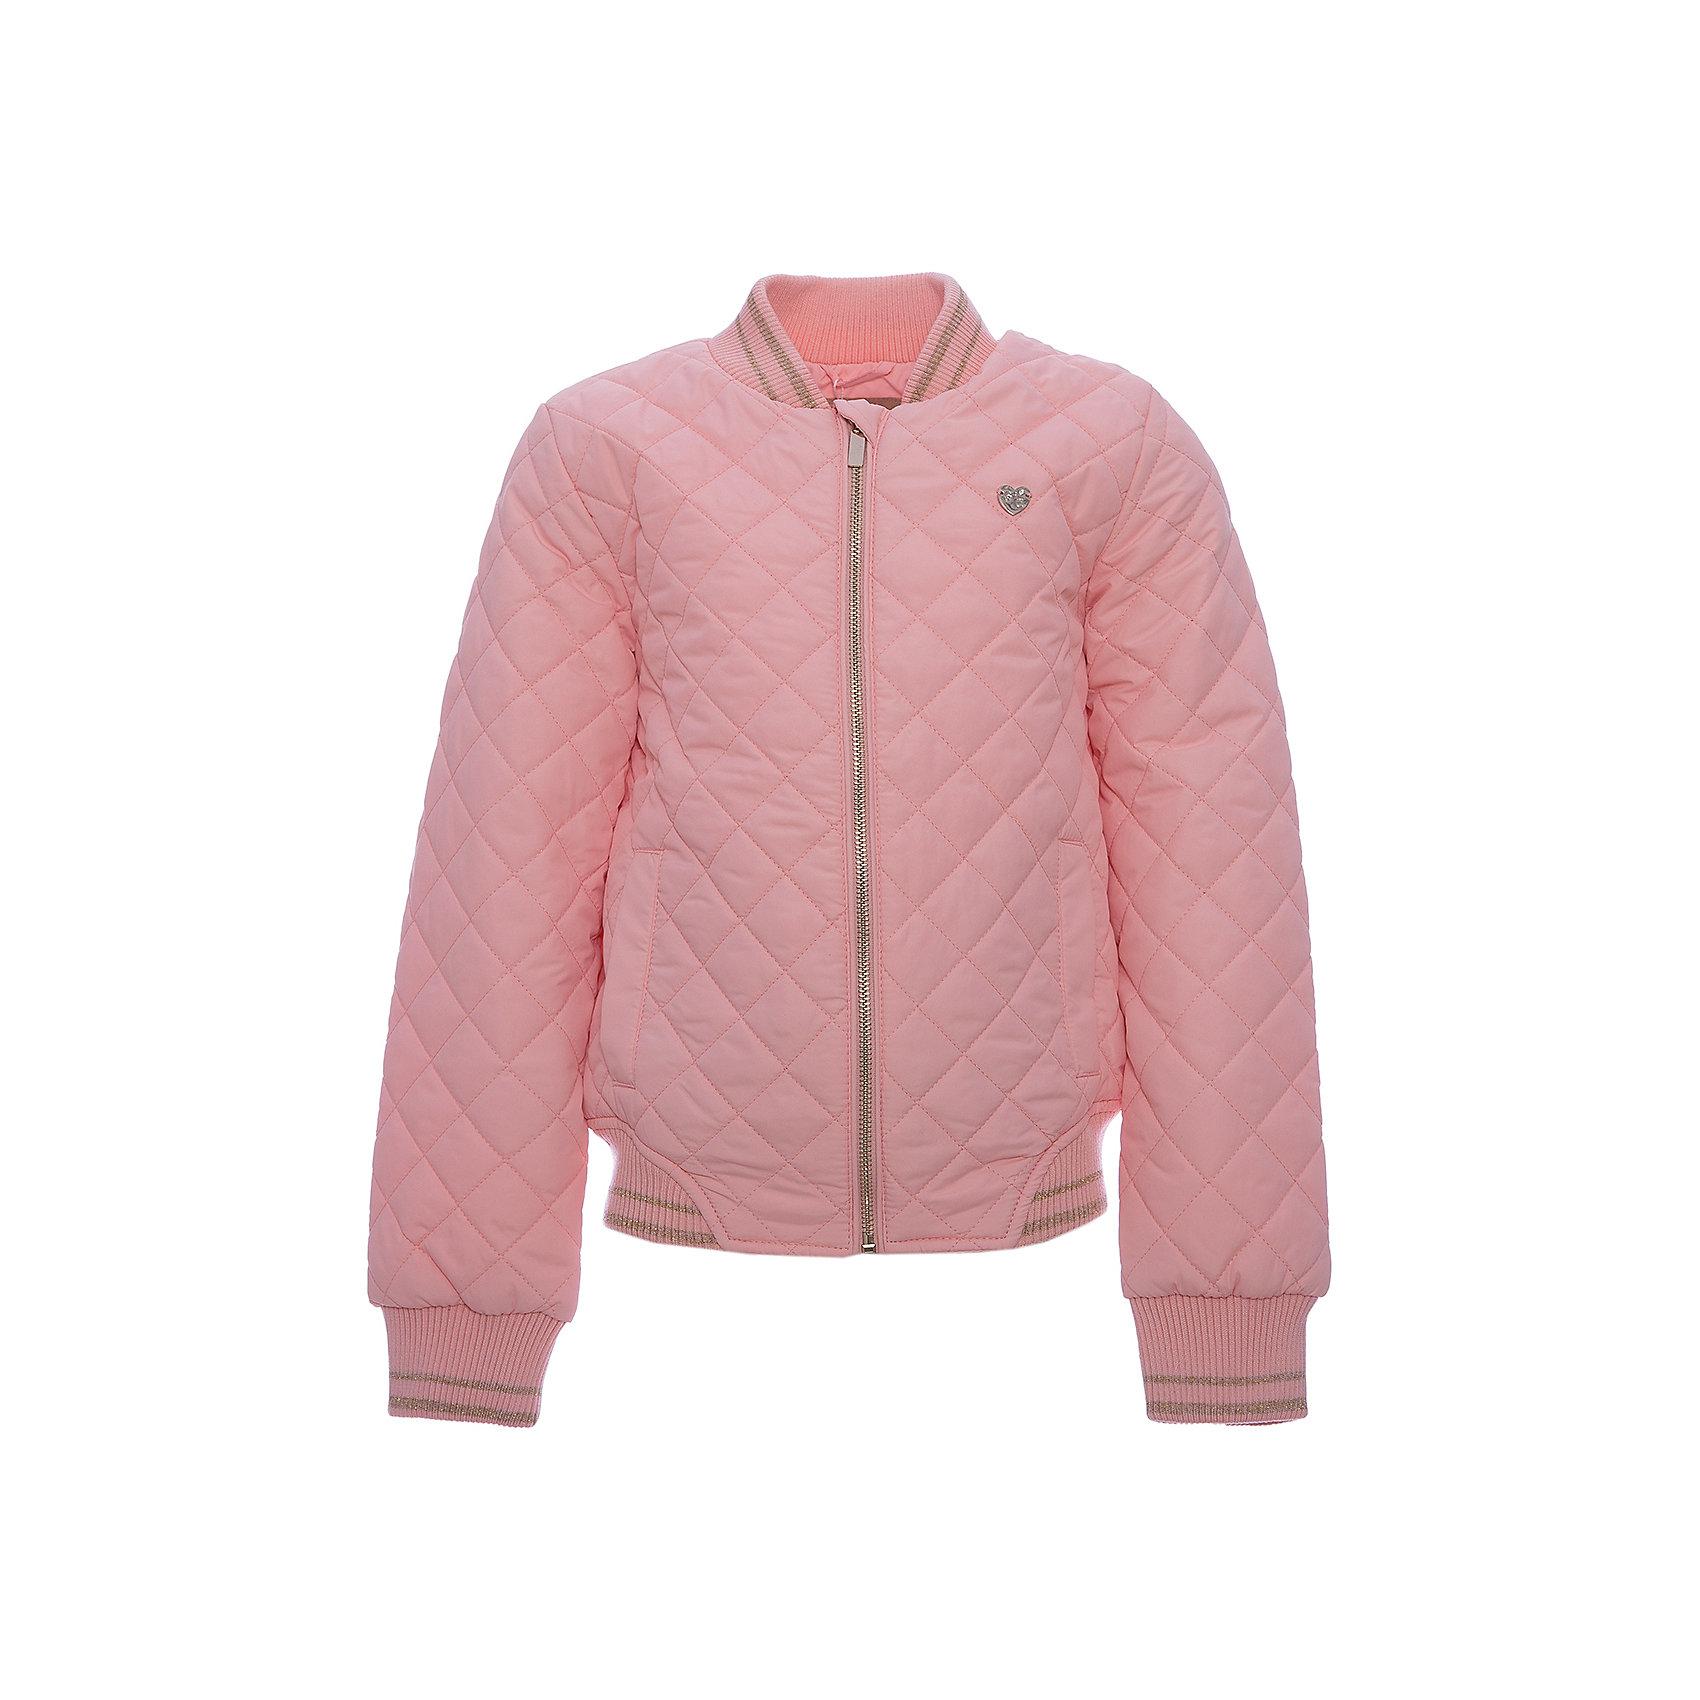 Куртка для девочки ScoolВерхняя одежда<br>Куртка для девочки Scool<br>Практичная стильная стеганая куртка со специальной водоотталкивающей пропиткой  - прекрасное решение для прохладной погоды. Мягкие трикотажные резинки на рукавах защитят Вашего ребенка - ветер не сможет проникнуть под куртку. Специальный карман для фиксации застежки-молнии не позволит застежке травмировать нежную кожу ребенка.Преимущества: Водоооталкивающая пропиткаСветооражатель<br>Состав:<br>Верх: 100% полиэстер, подкладка: 60% полиэстер, 40% хлопок, наполнитель: 100% полиэстер, 80 г/м2<br><br>Ширина мм: 356<br>Глубина мм: 10<br>Высота мм: 245<br>Вес г: 519<br>Цвет: светло-розовый<br>Возраст от месяцев: 156<br>Возраст до месяцев: 168<br>Пол: Женский<br>Возраст: Детский<br>Размер: 164,134,140,146,152,158<br>SKU: 5406994